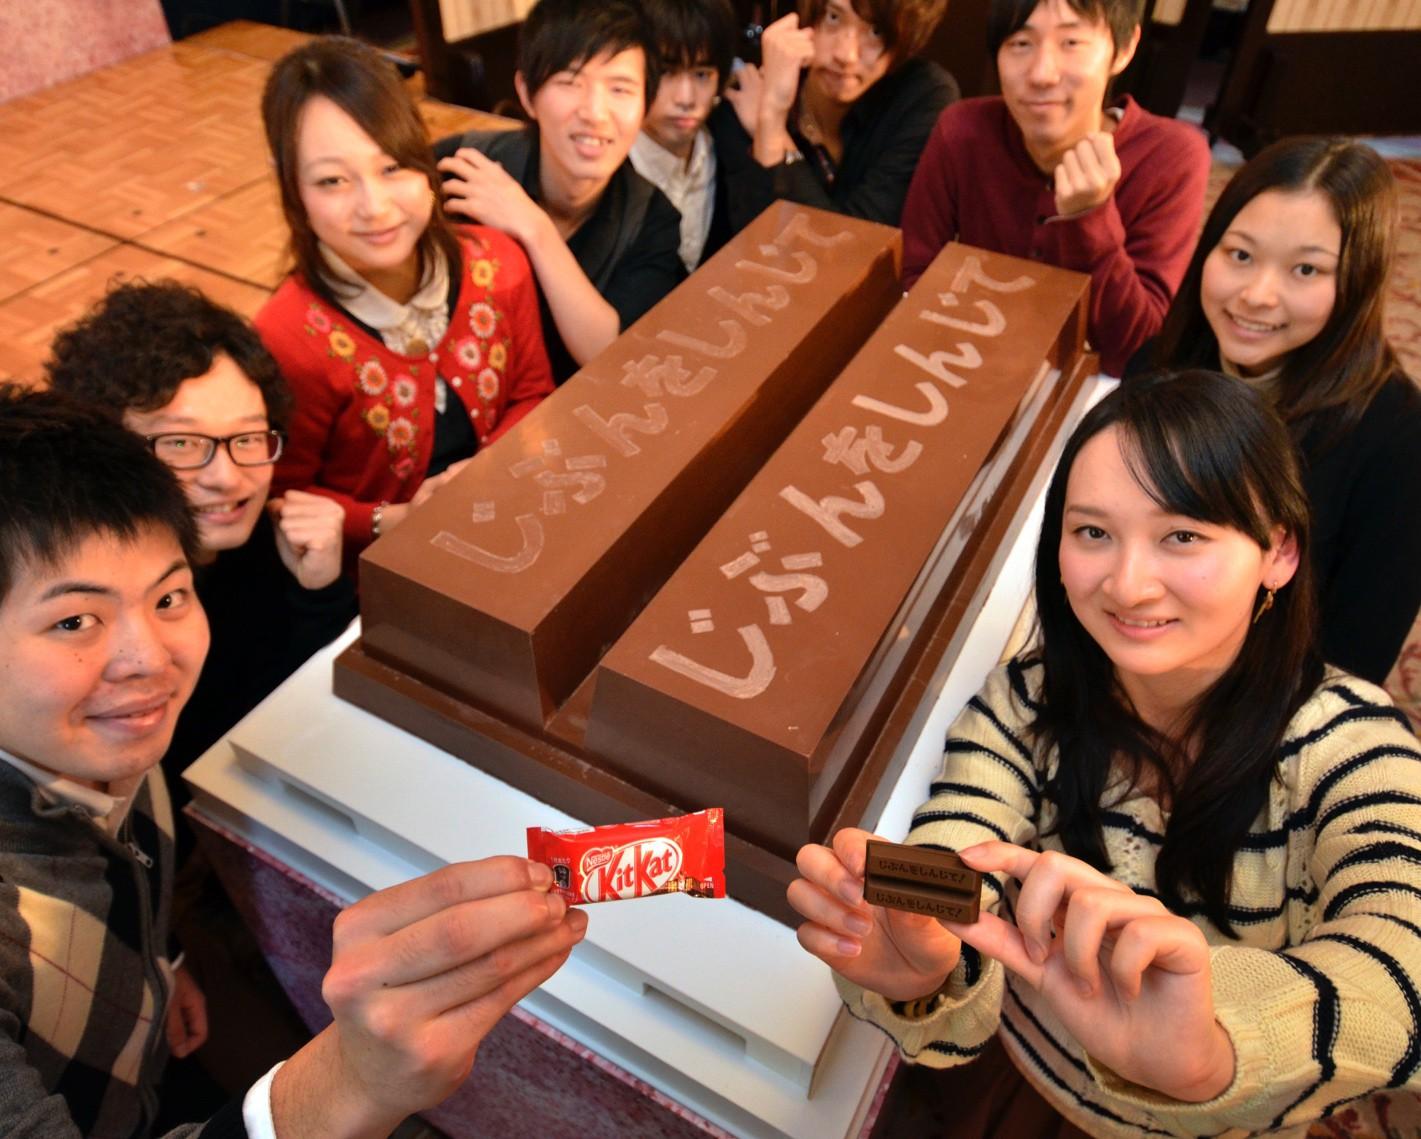 Lời nguyện ước trước kỳ thi: Câu chuyện thanh kẹo ngọt truyền lửa cho bao thế hệ học sinh Nhật Bản - Ảnh 4.